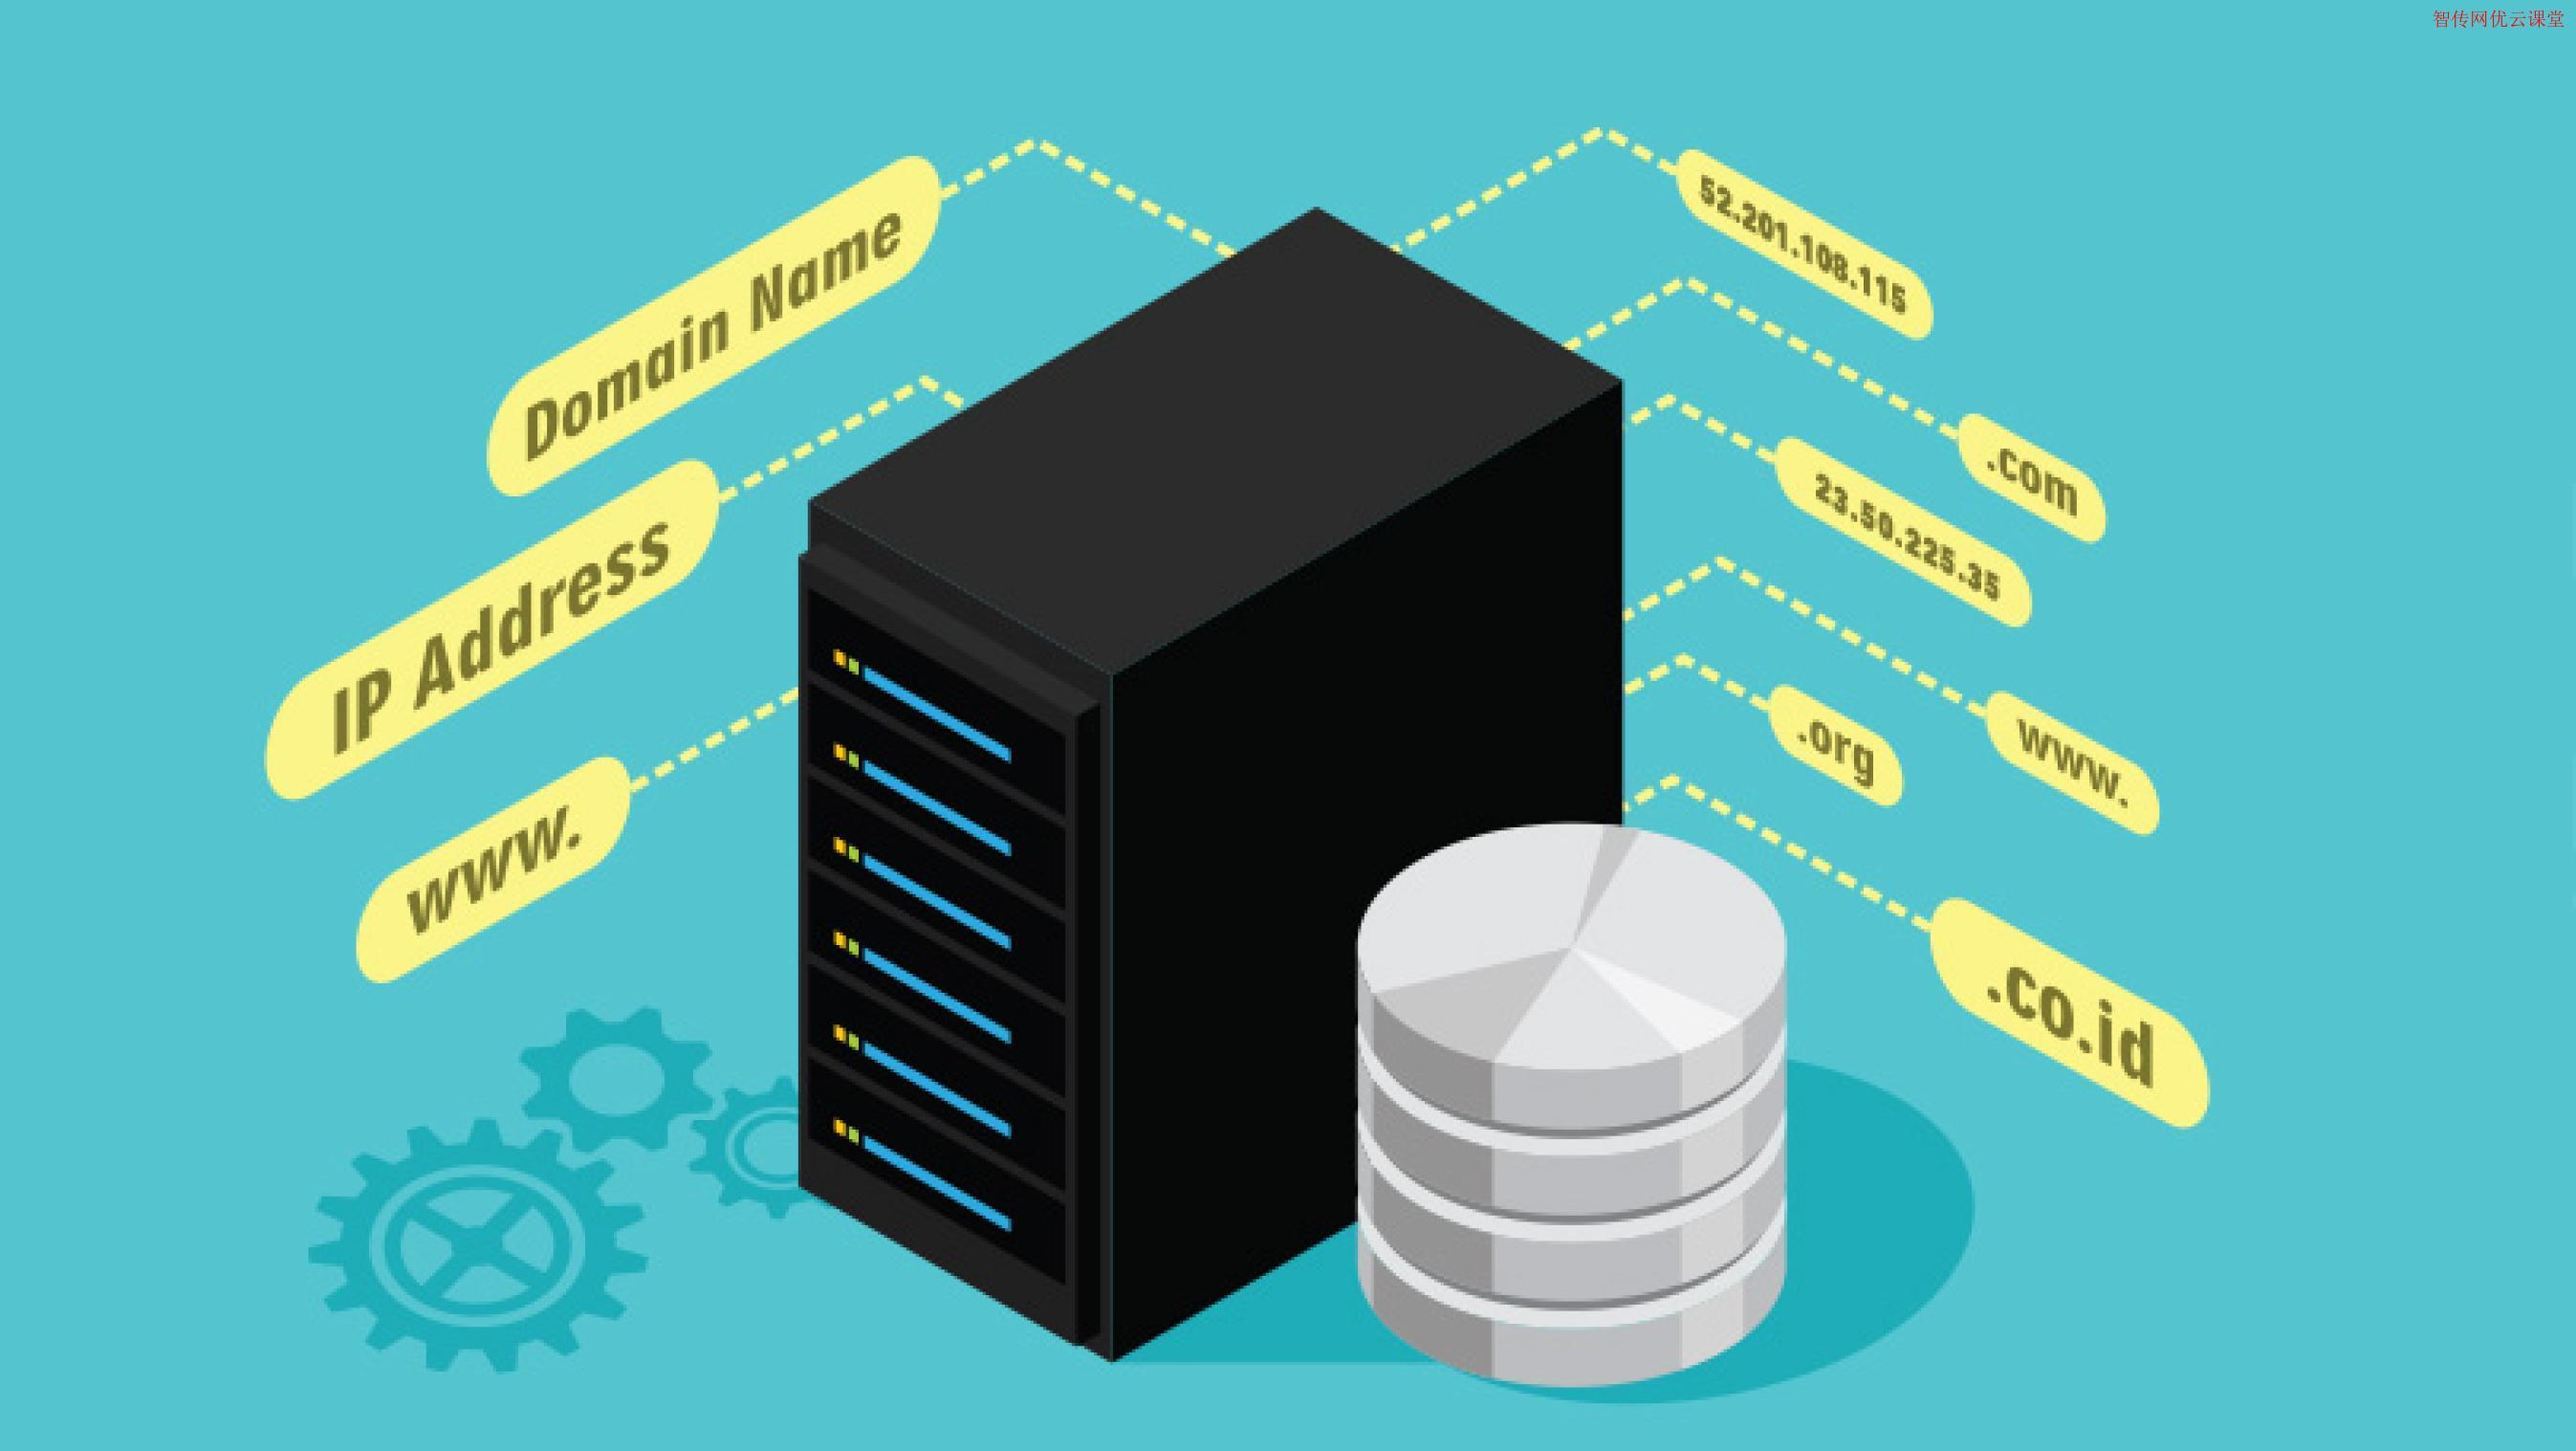 如何在Linux中查看DNS服务器设置